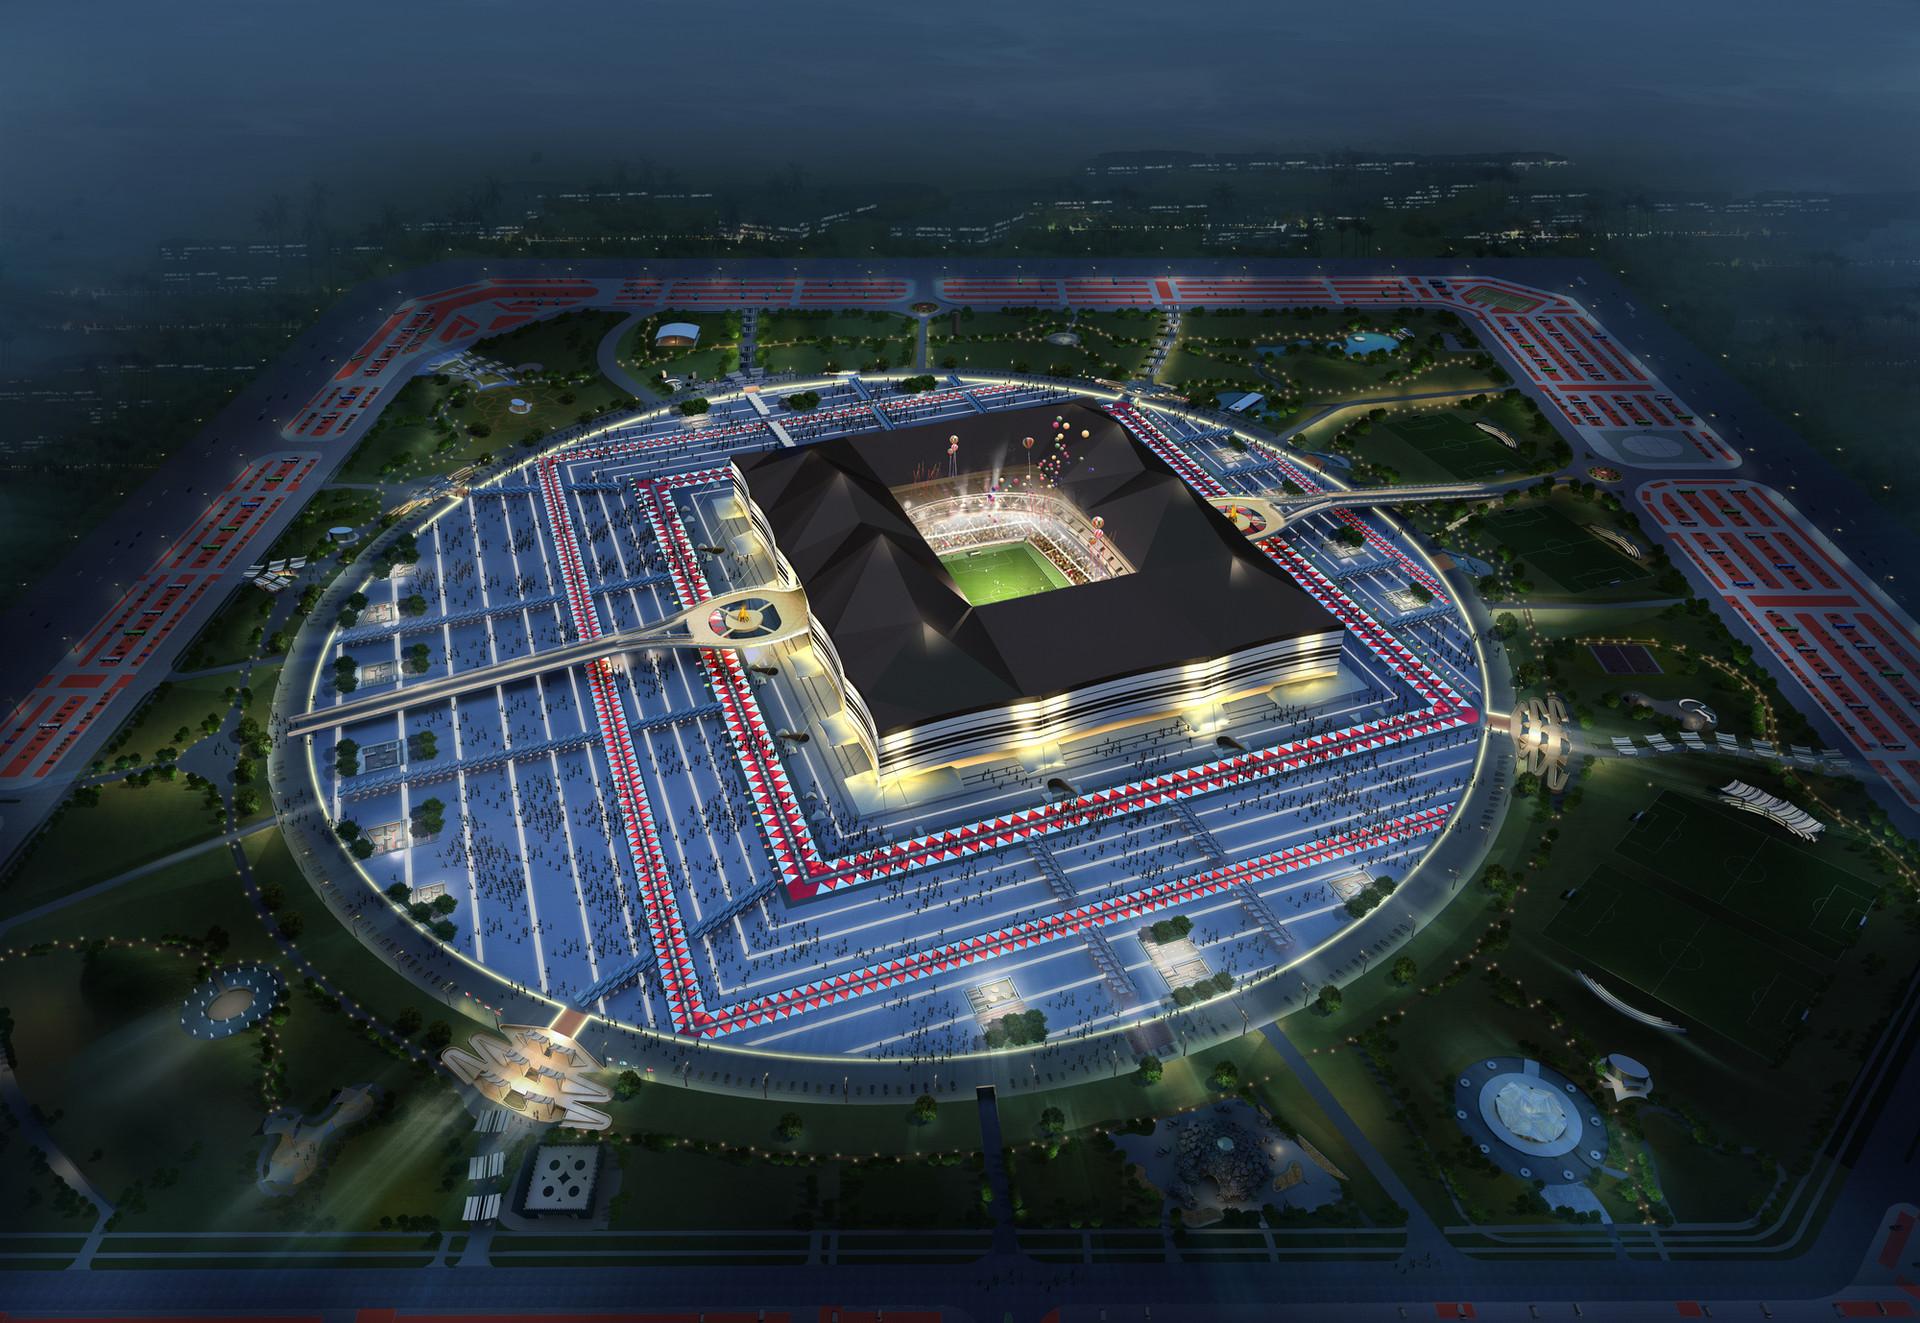 Aerial visual of Stadium